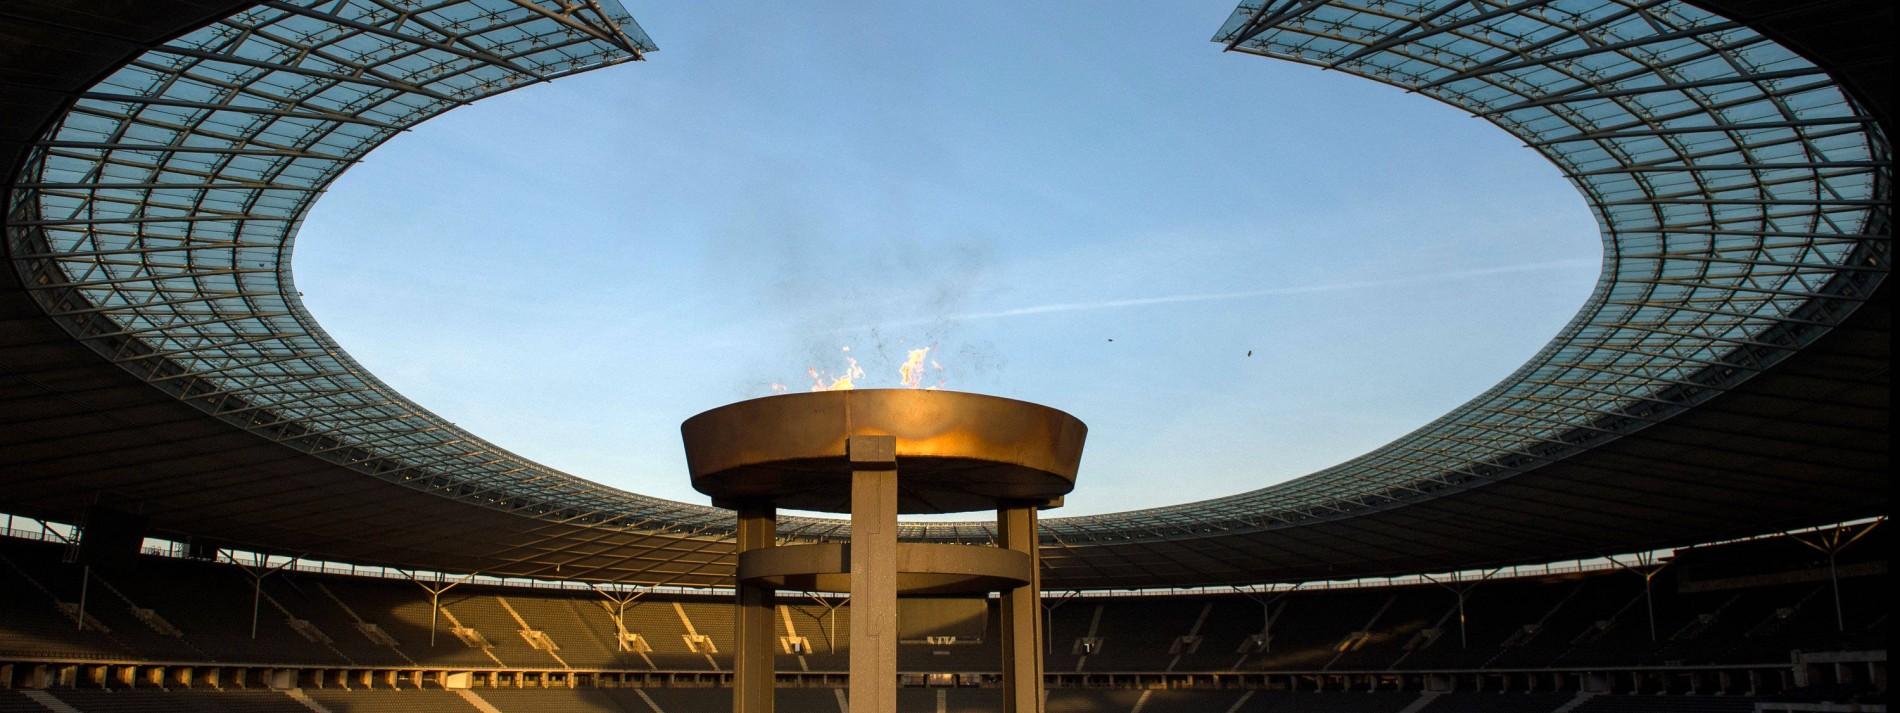 Olympia 2024 Die Verbliebenen Bewerber Paris